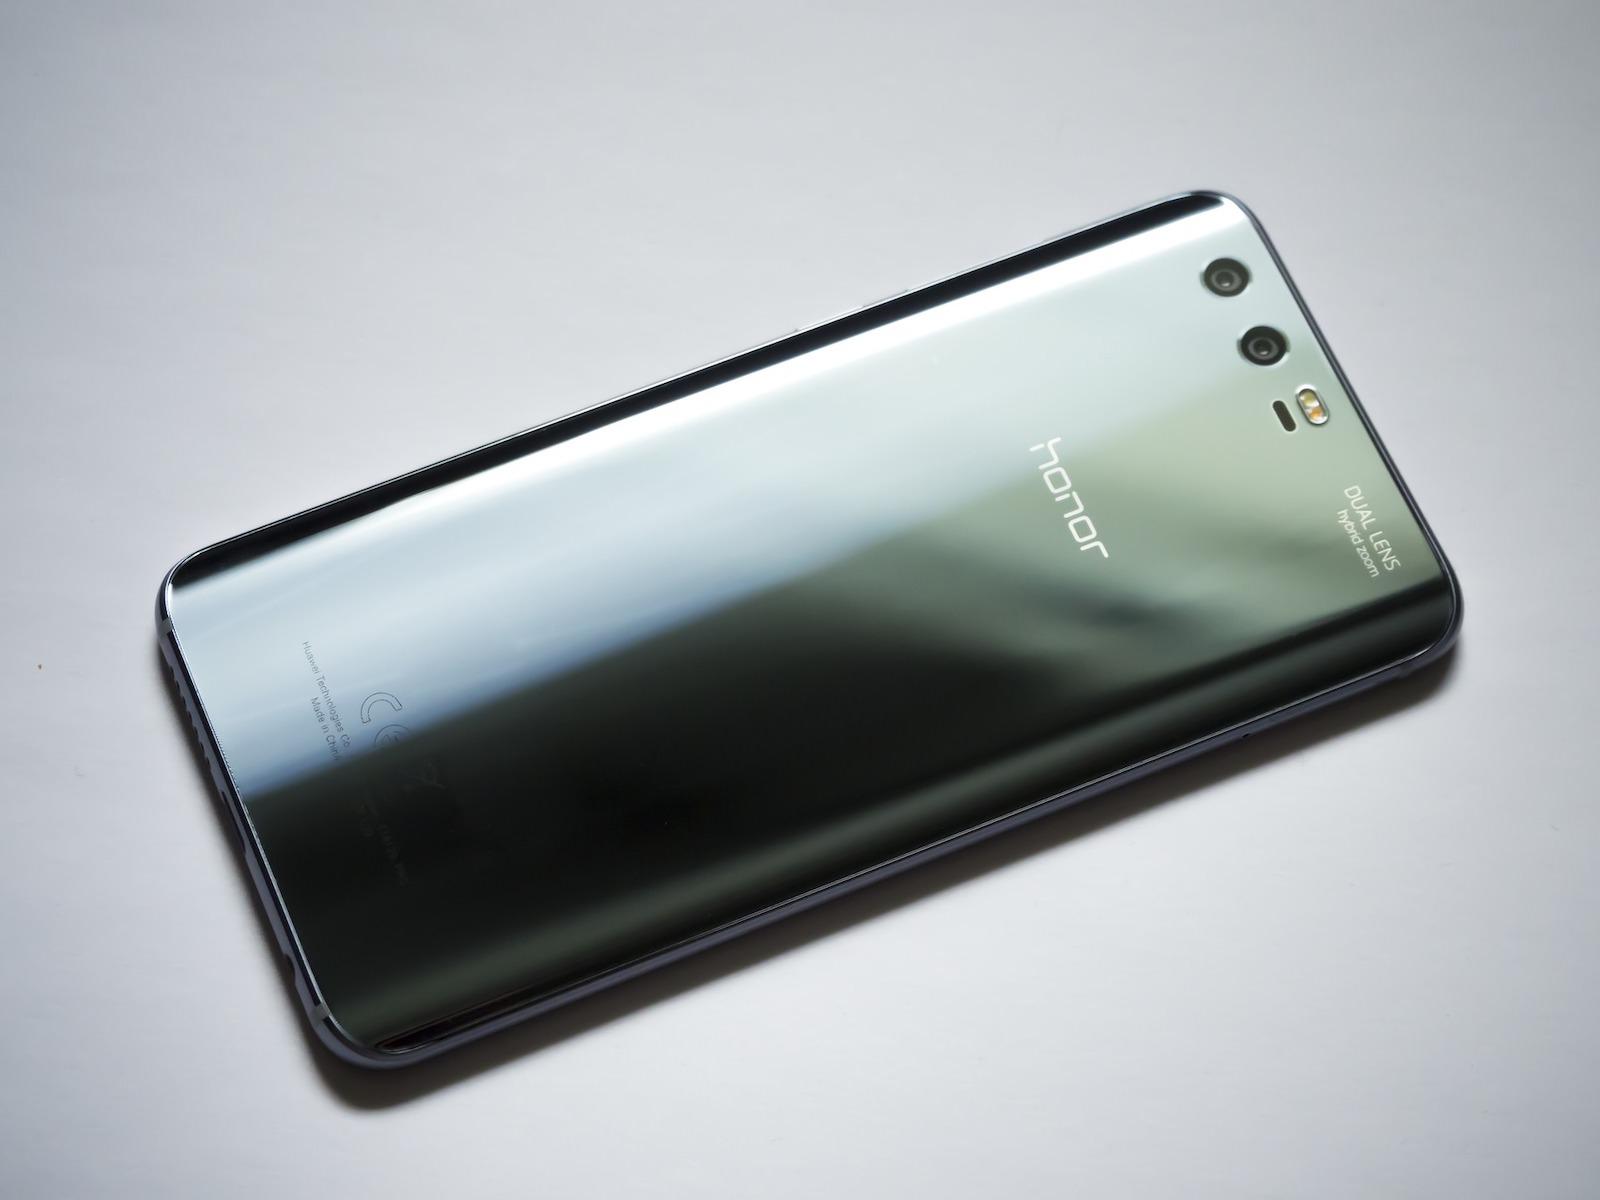 Huawei 2557932 1920 honor